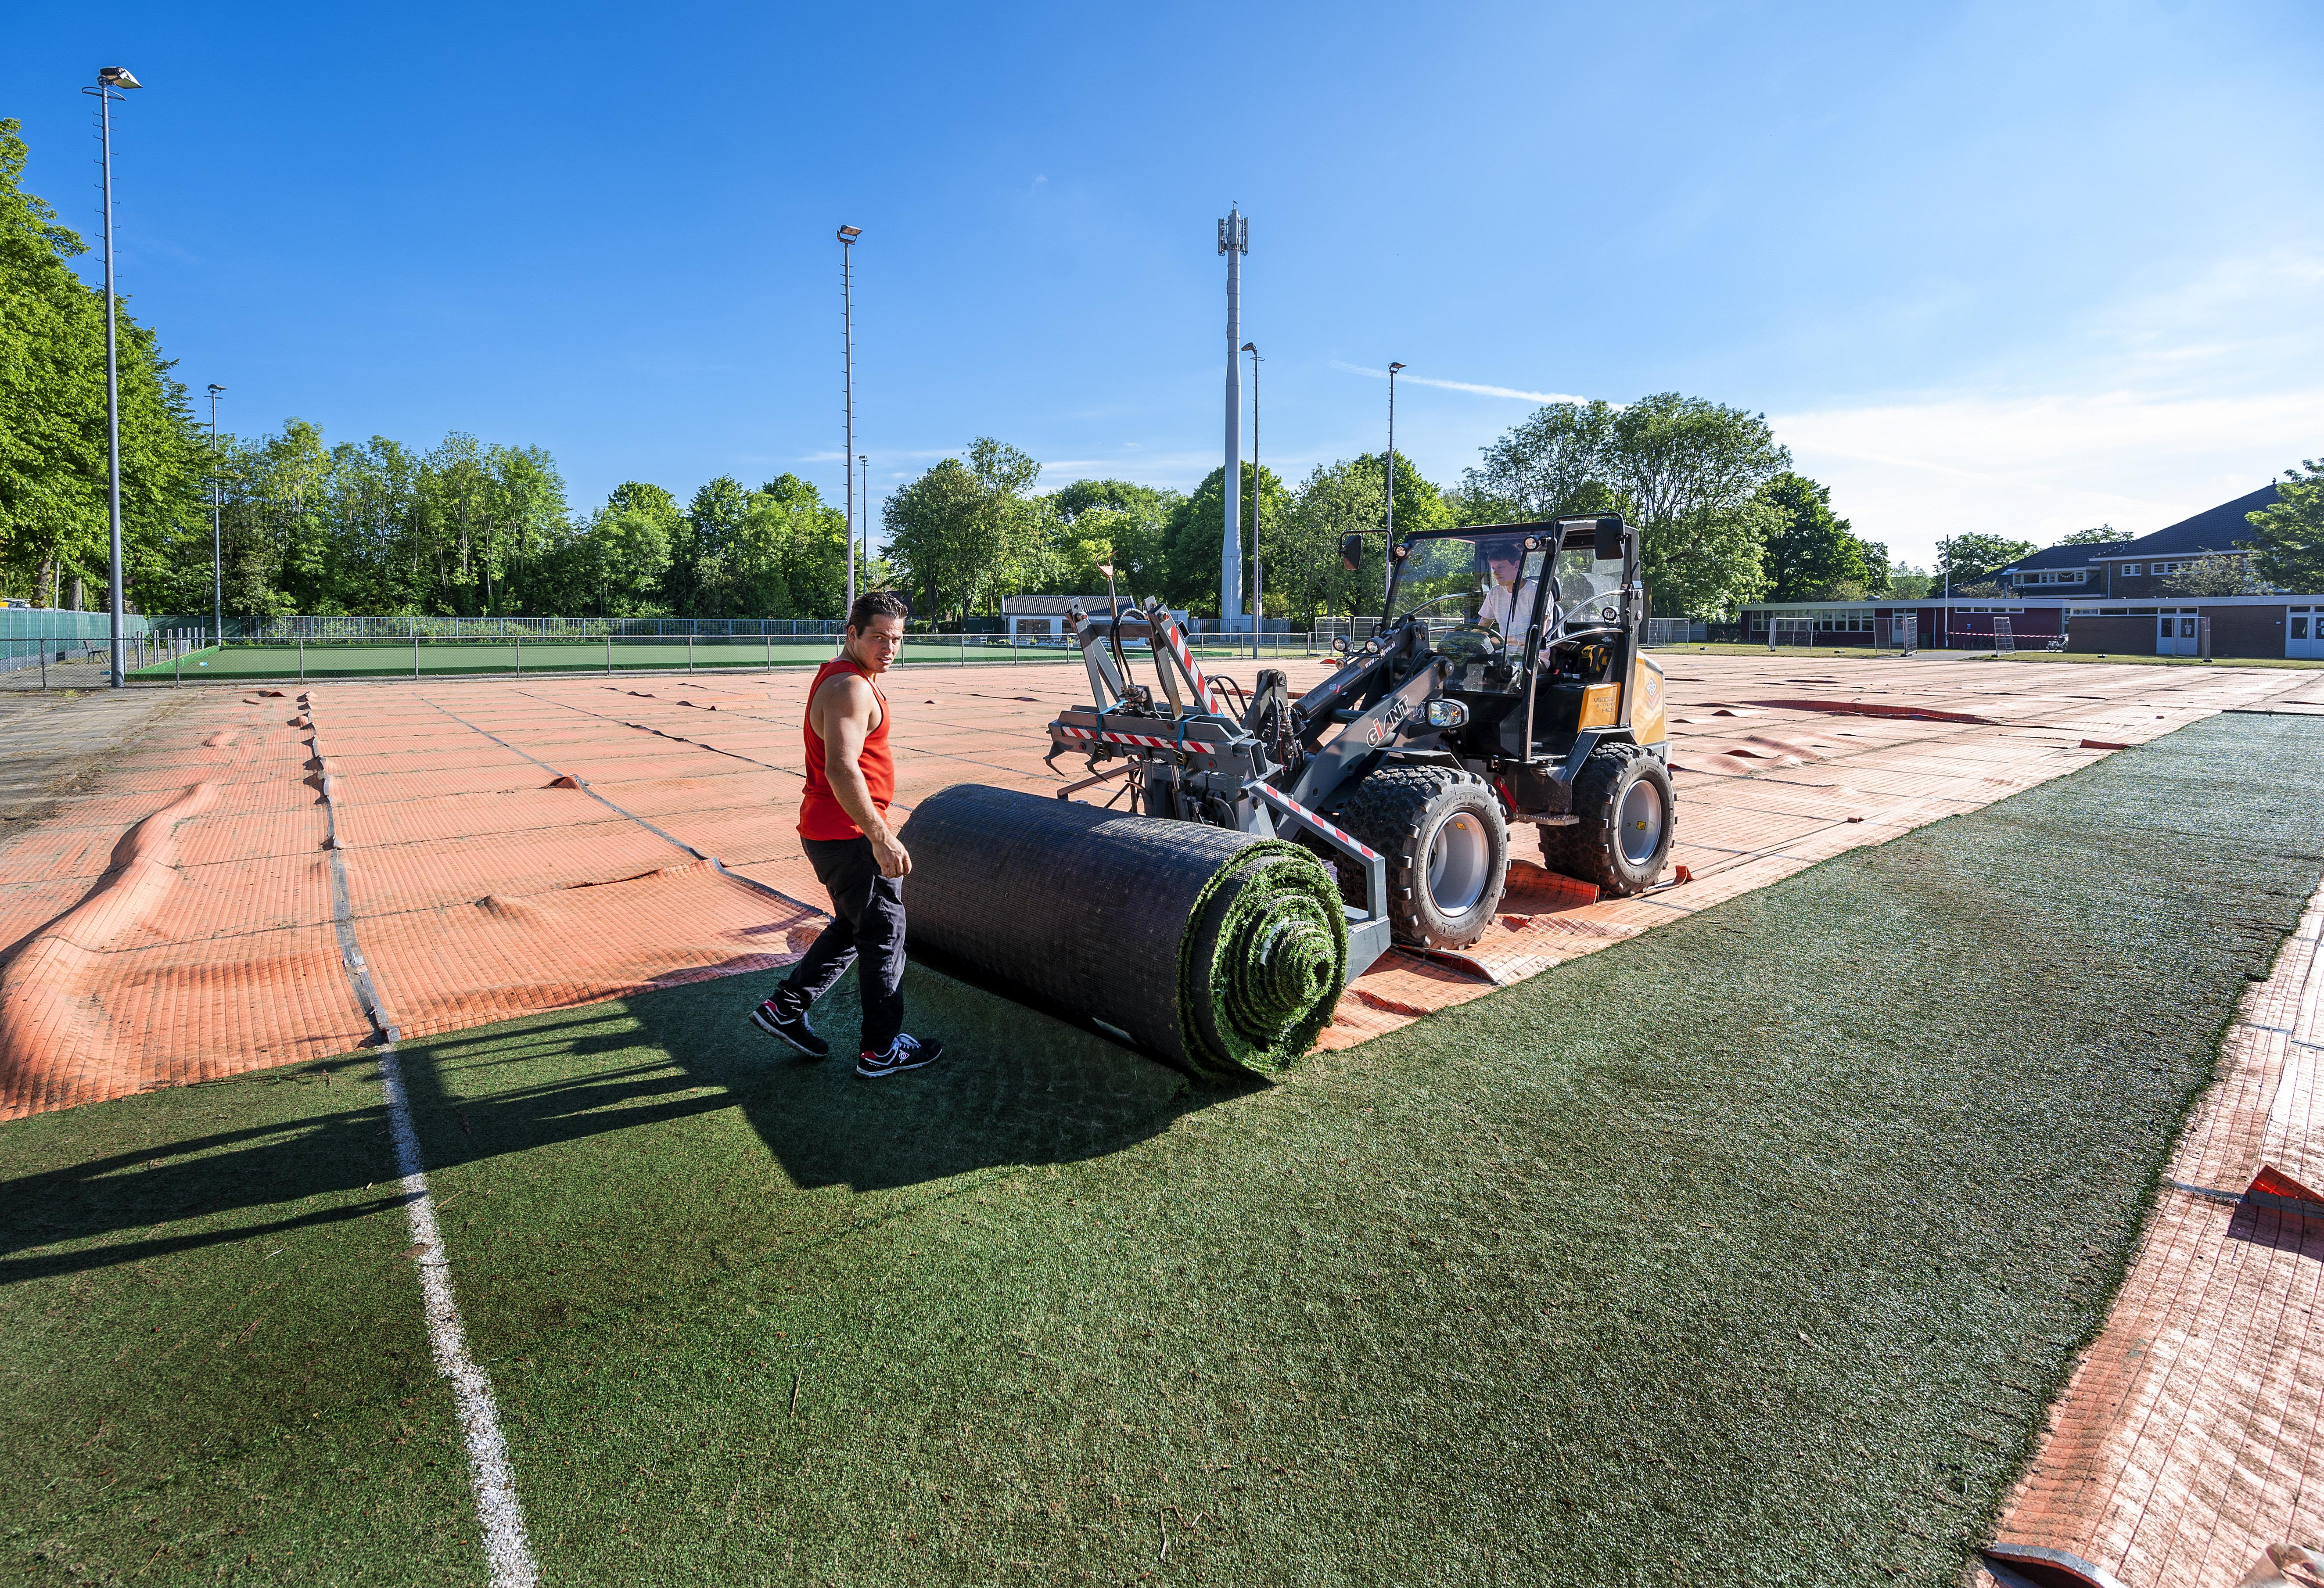 Haarlemse korfbalclub Oosterkwartier kan weer jaren vooruit met nieuwe kunstgrasmat